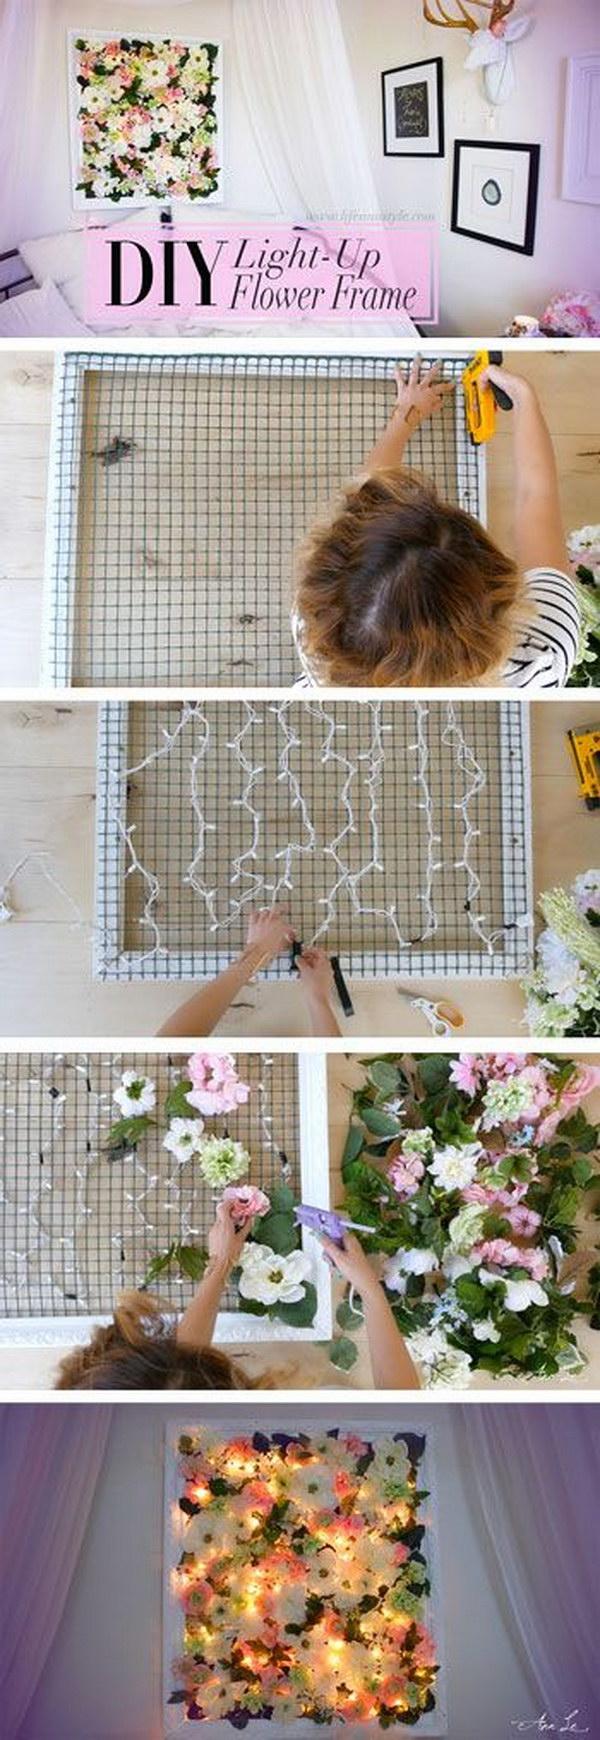 DIY Light-Up Flower Frame Backdrop